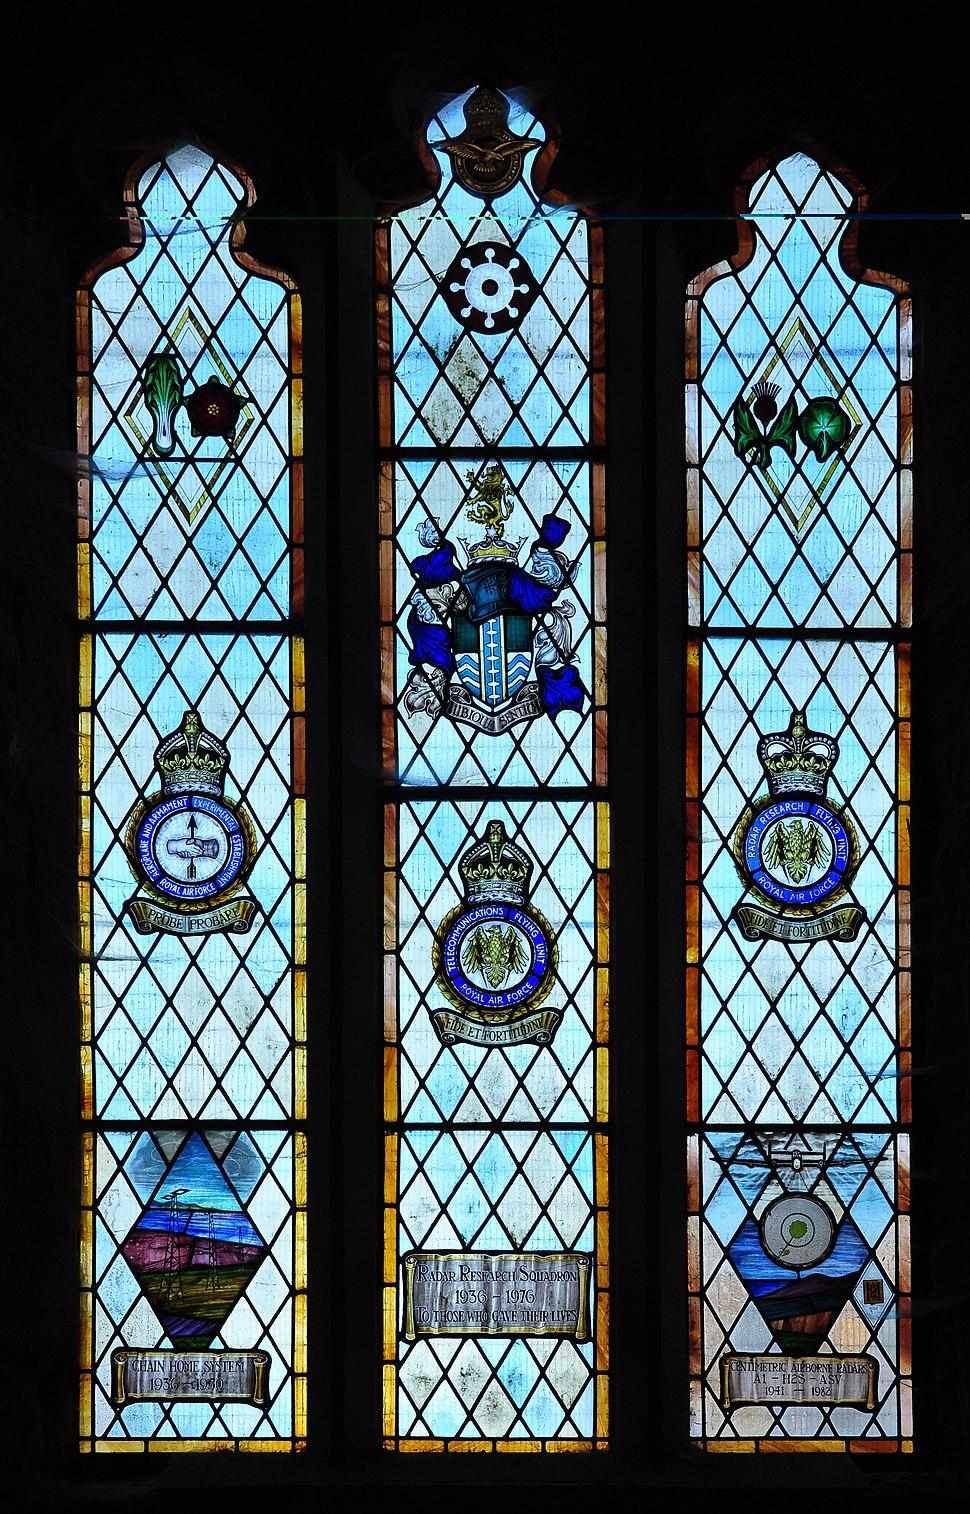 Memorial window in Goodrich Castle